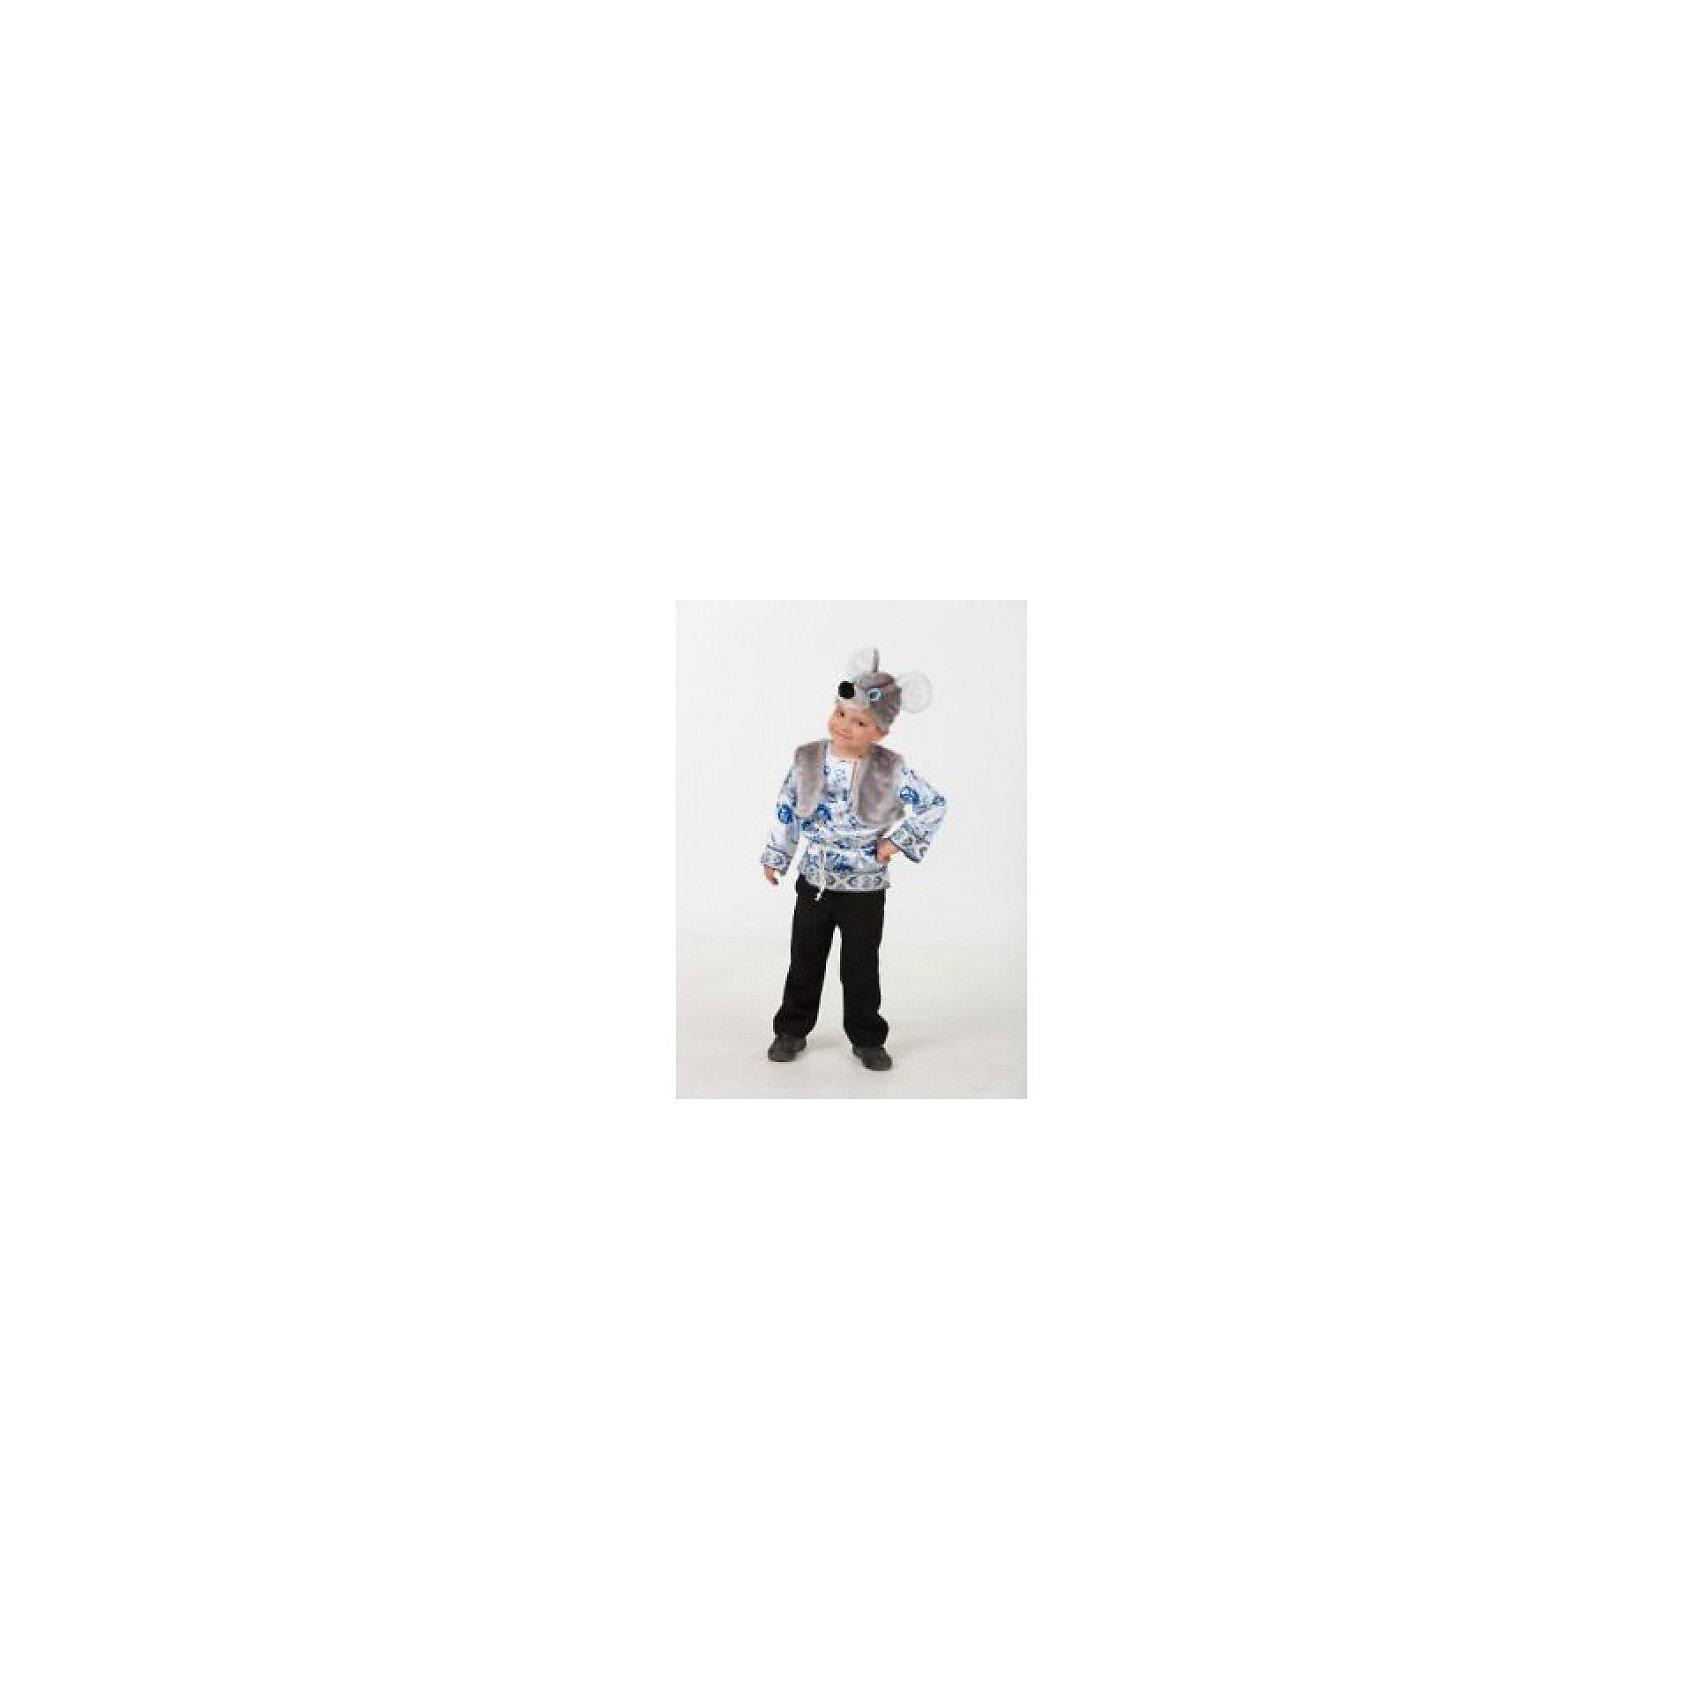 Карнавальный костюм Мышонок Филипка (сатин), БатикКарнавальные костюмы для девочек<br>Карнавальный костюм Мышонок Филипка (сатин), Батик<br><br>Характеристики:<br><br>• Материал: 100% полиэстер.<br>• Цвет:  серый, голубой.<br><br>В комплекте:<br><br>• Рубаха;<br>• жилет;<br>• шапка – маска.<br><br>Карнавальный костюм для мальчиков «Мышонок Филипка» выполнен в  русском стиле из текстильной ткани и качественного искусственного меха. В комплект костюма входит рубашка голубого цвета, выполненная с эксклюзивным принтом под гжель, на воротнике рубашки застежка на пуговицу. Рубашка подпоясывается синей нитью. Также в комплект карнавального костюма Мышонка Филипки входит серого цвета меховая жилетка и маска в виде мордочки мышонка из серого меха. В таком карнавальном костюме, «Мышонок Филипка»,  ваш мальчик получит максимальное удовольствие от праздника и подарит радость окружающим!<br><br>Карнавальный костюм Мышонок Филипка, Батик можно купить в нашем интернет – магазине.<br><br>Ширина мм: 500<br>Глубина мм: 50<br>Высота мм: 700<br>Вес г: 600<br>Цвет: белый<br>Возраст от месяцев: 60<br>Возраст до месяцев: 72<br>Пол: Мужской<br>Возраст: Детский<br>Размер: 30,26,28<br>SKU: 5092566